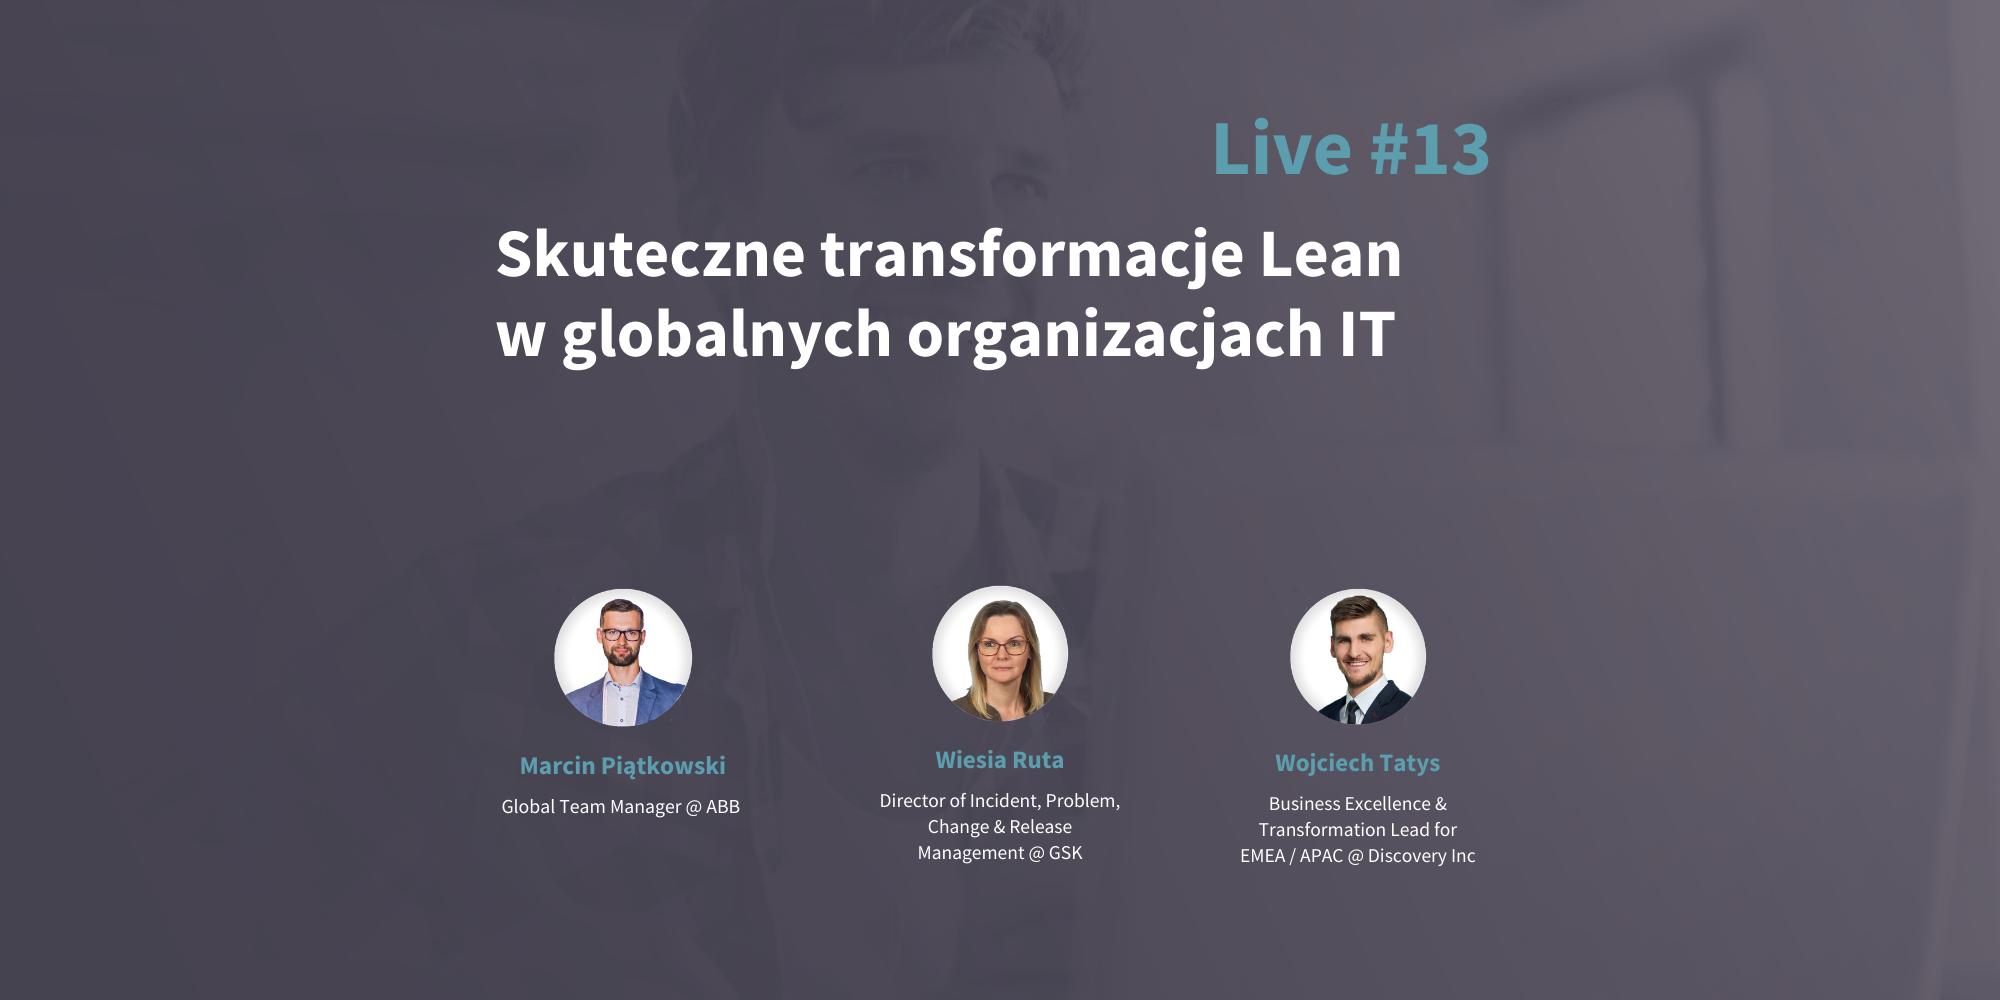 Skuteczne transformacje Lean w globalnych organizacjach IT